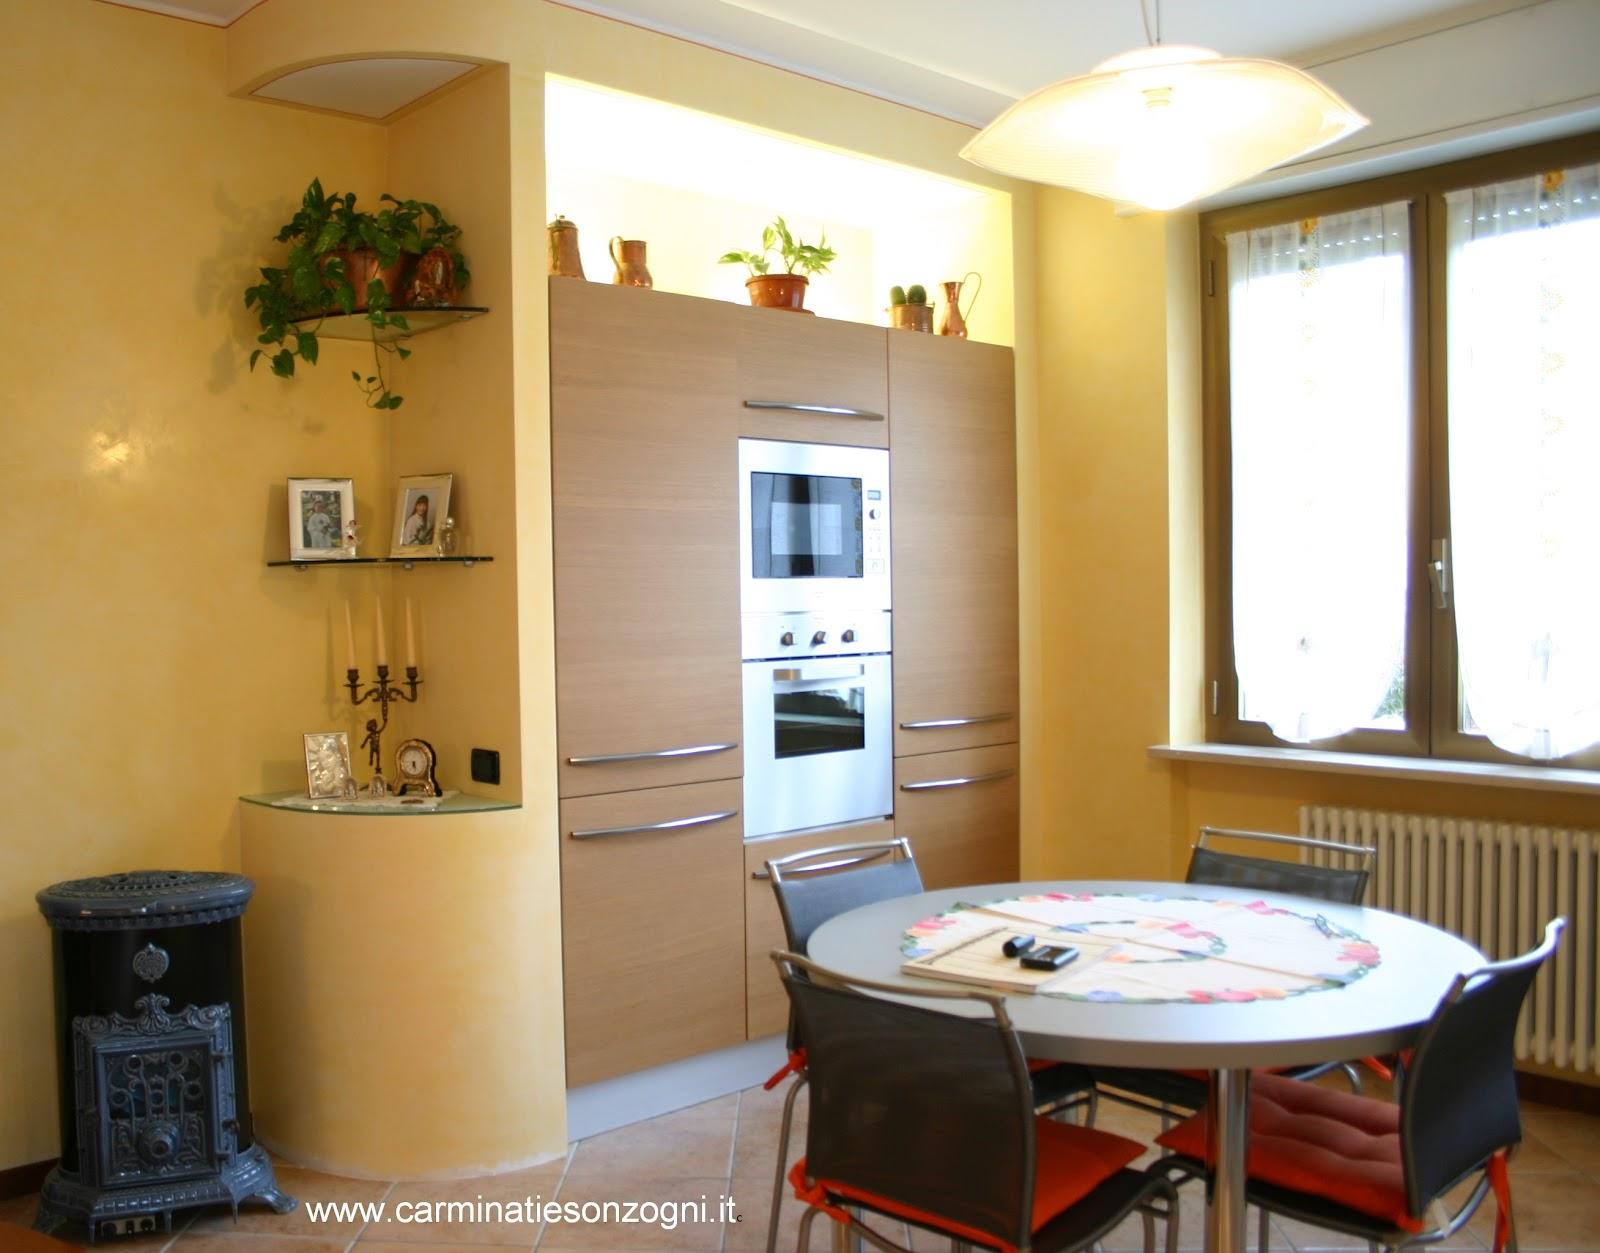 foto cucina Skyline Snaidero realizzata in provincia di Bergamo, Lo0mbardia, zona colonne jpg.jpg